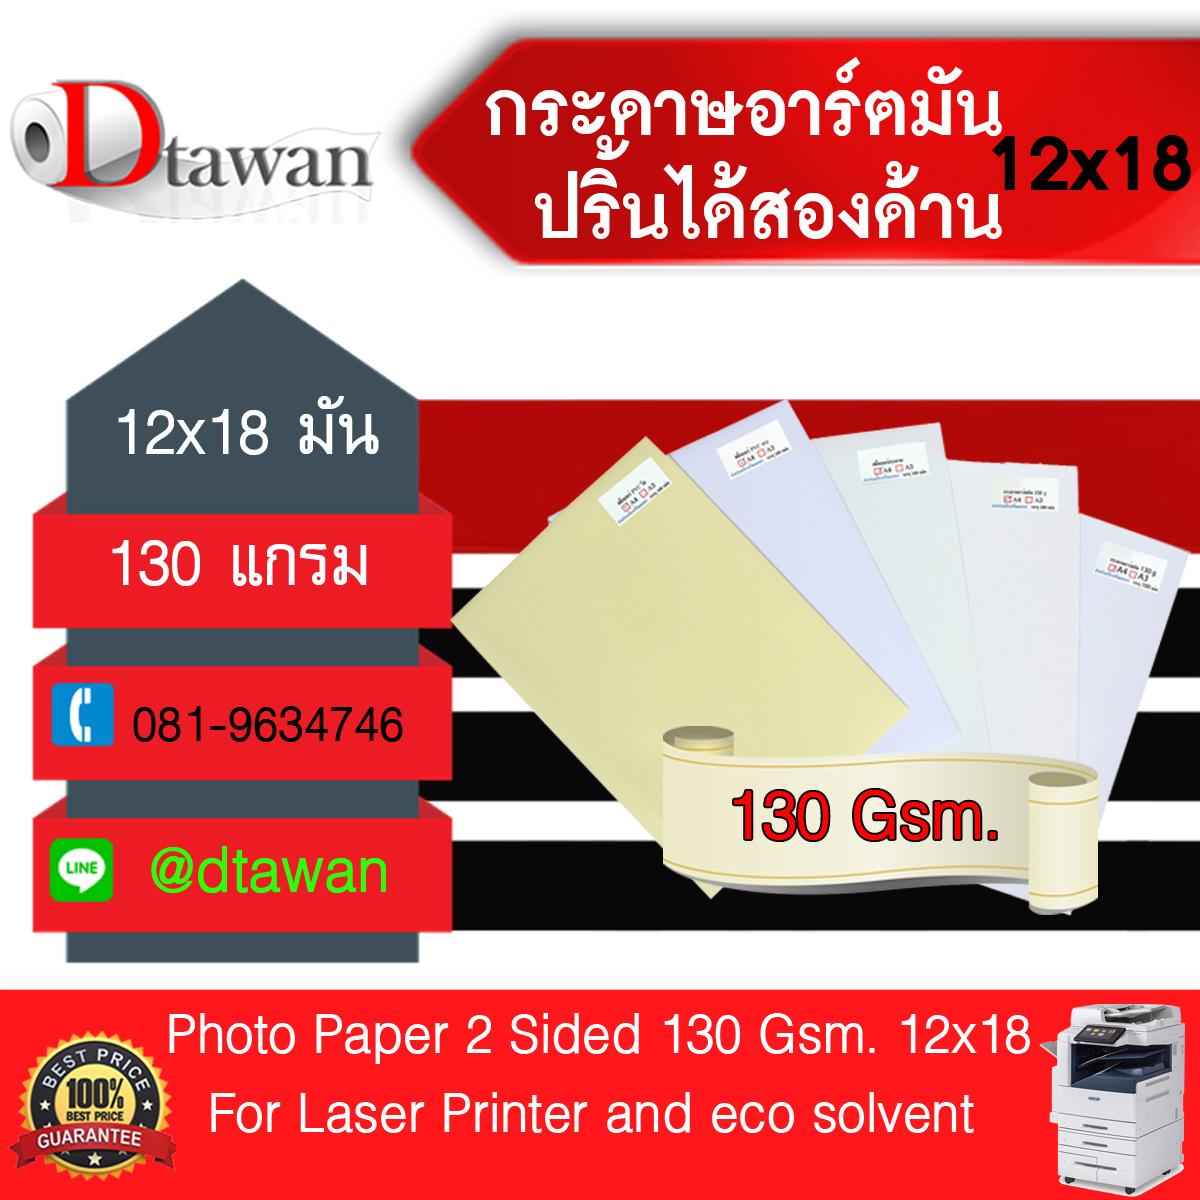 กระดาษอาร์ตมัน 2หน้า 130g (130แกรม) ขนาด 12x18นิ้ว